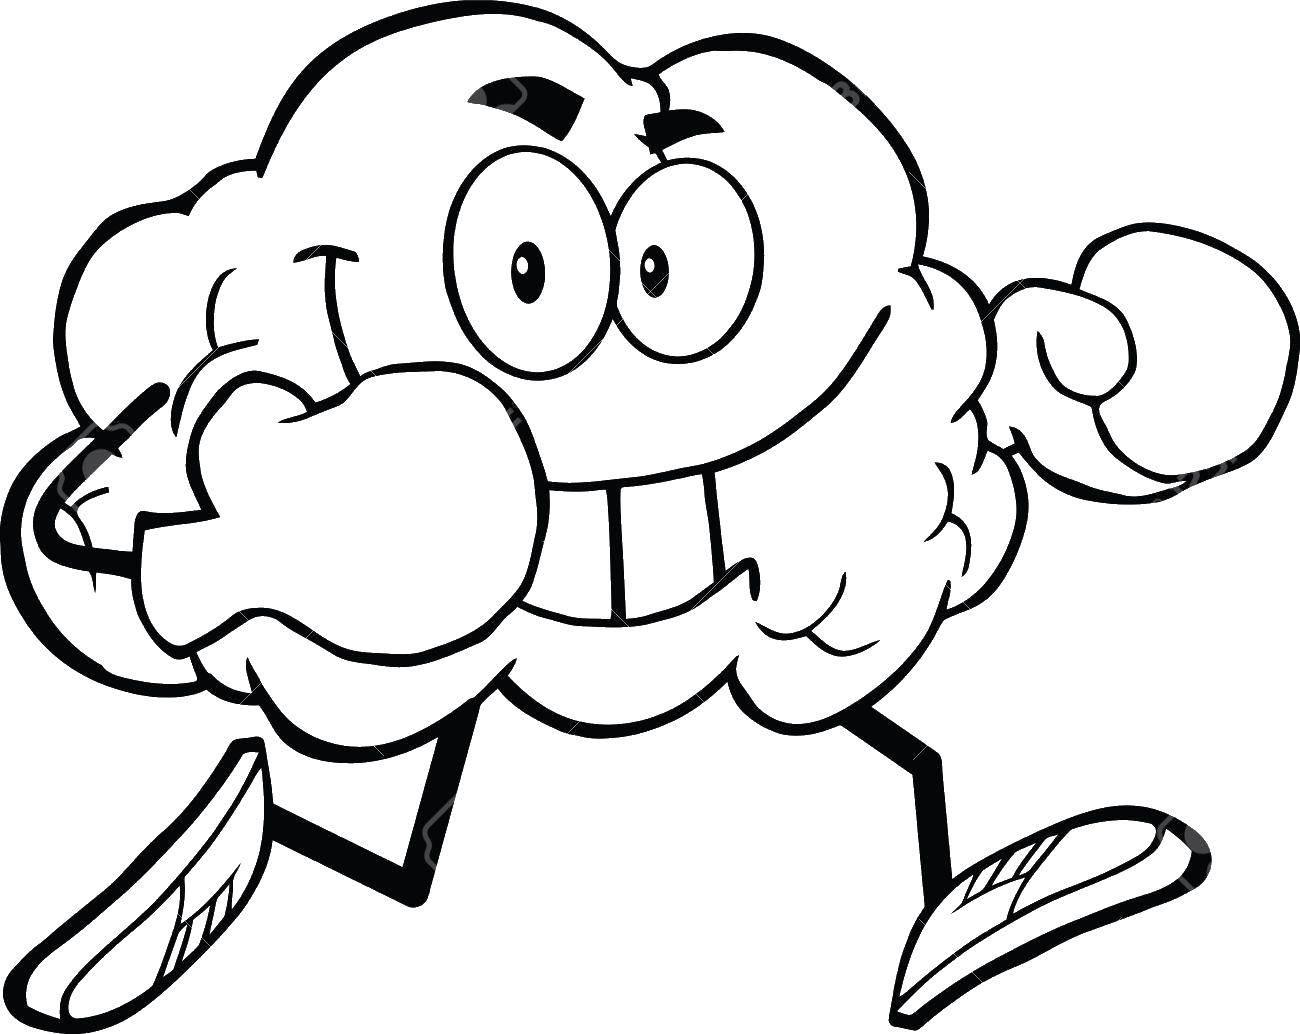 Раскраска Контуры из мультфильмов Скачать Персонаж из мультфильма.  Распечатать ,мультфильмы,